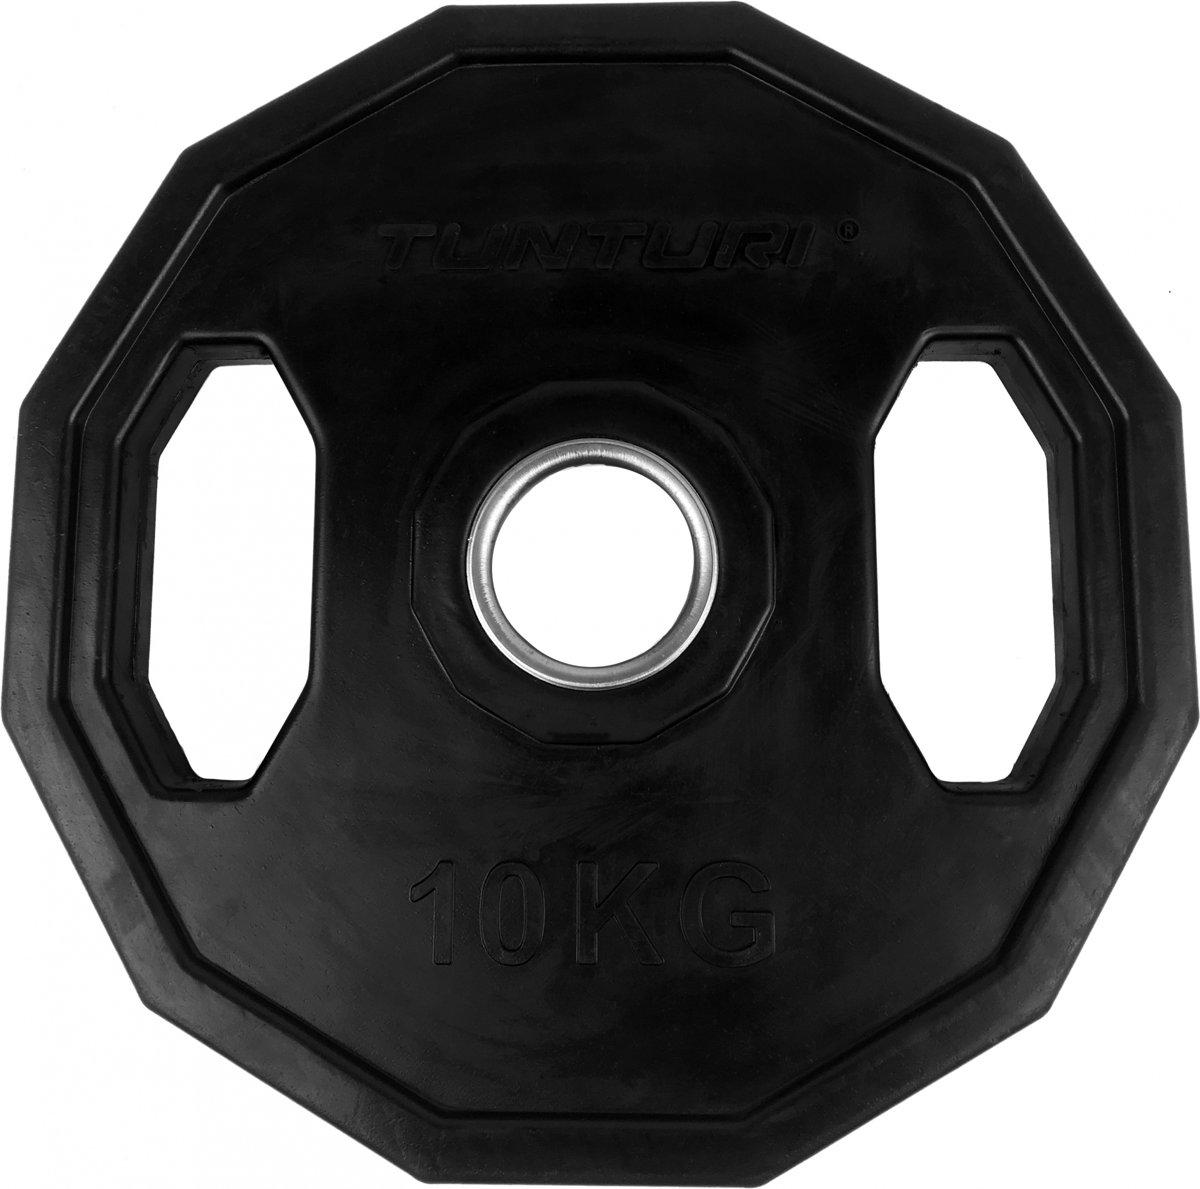 Tunturi Olympische Halterschijf - Halter gewichten - 1x 10.0 kg - Ø 50 mm - Rubber kopen